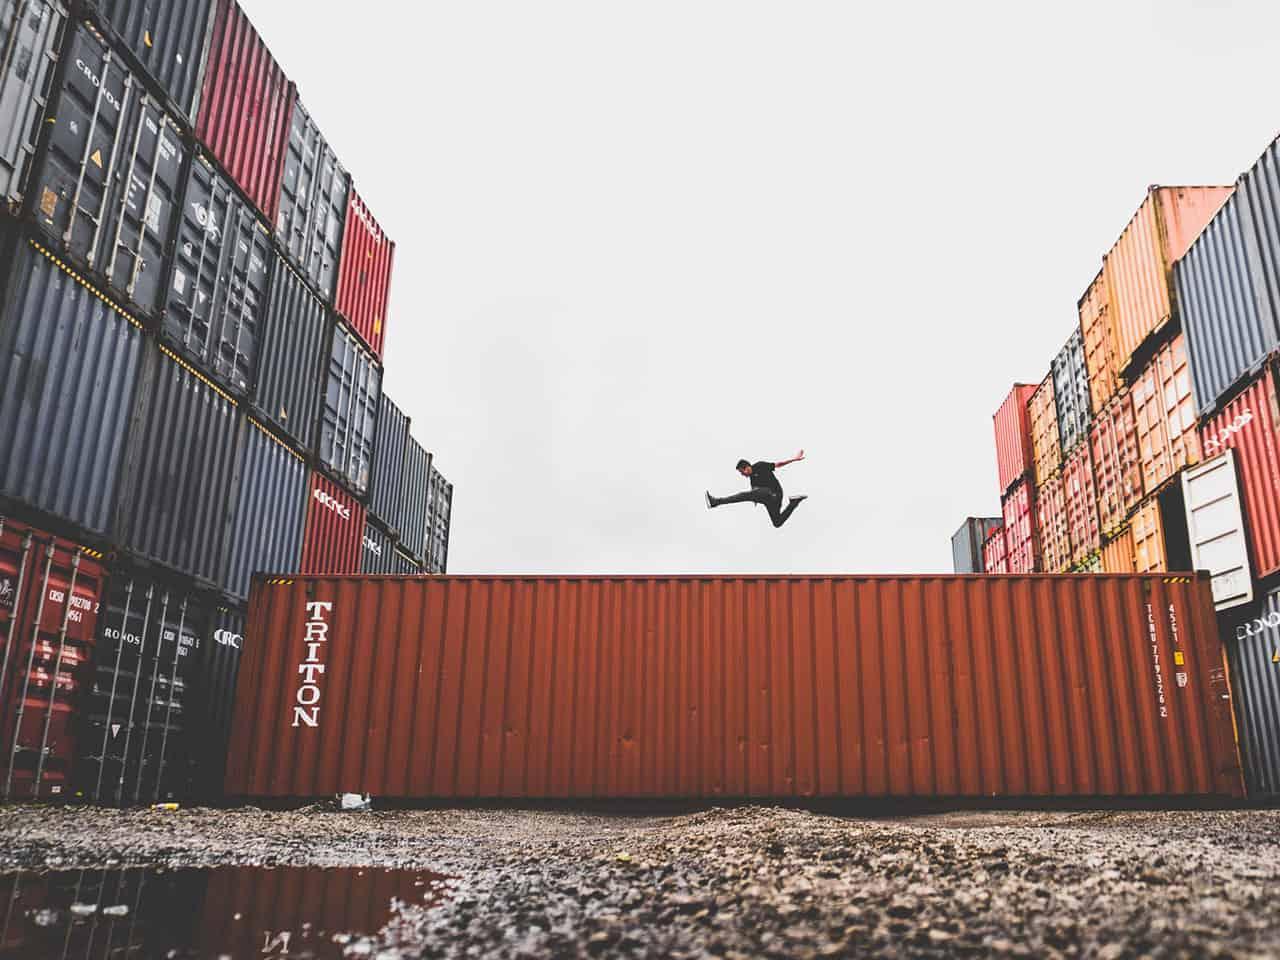 mezczyzna skaczacy na kontenerze